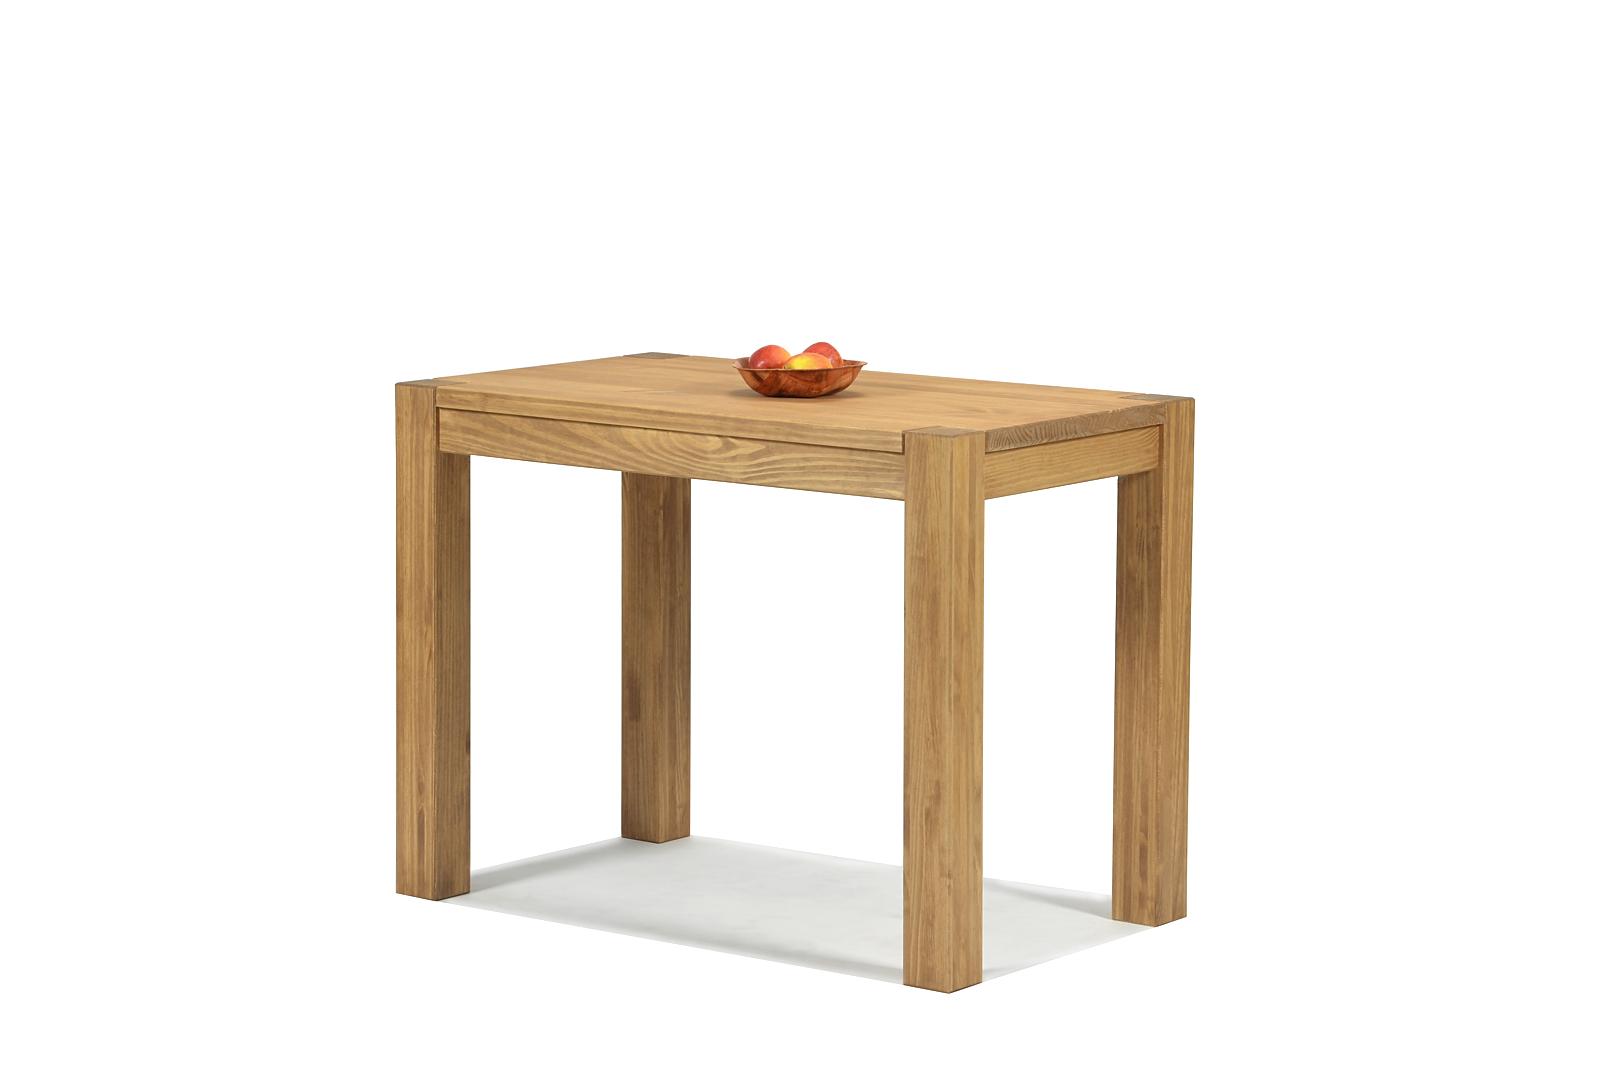 Esstisch Rio Bonito Esszimmer Tisch 100x60cm Massivholz Pinie Honig hell